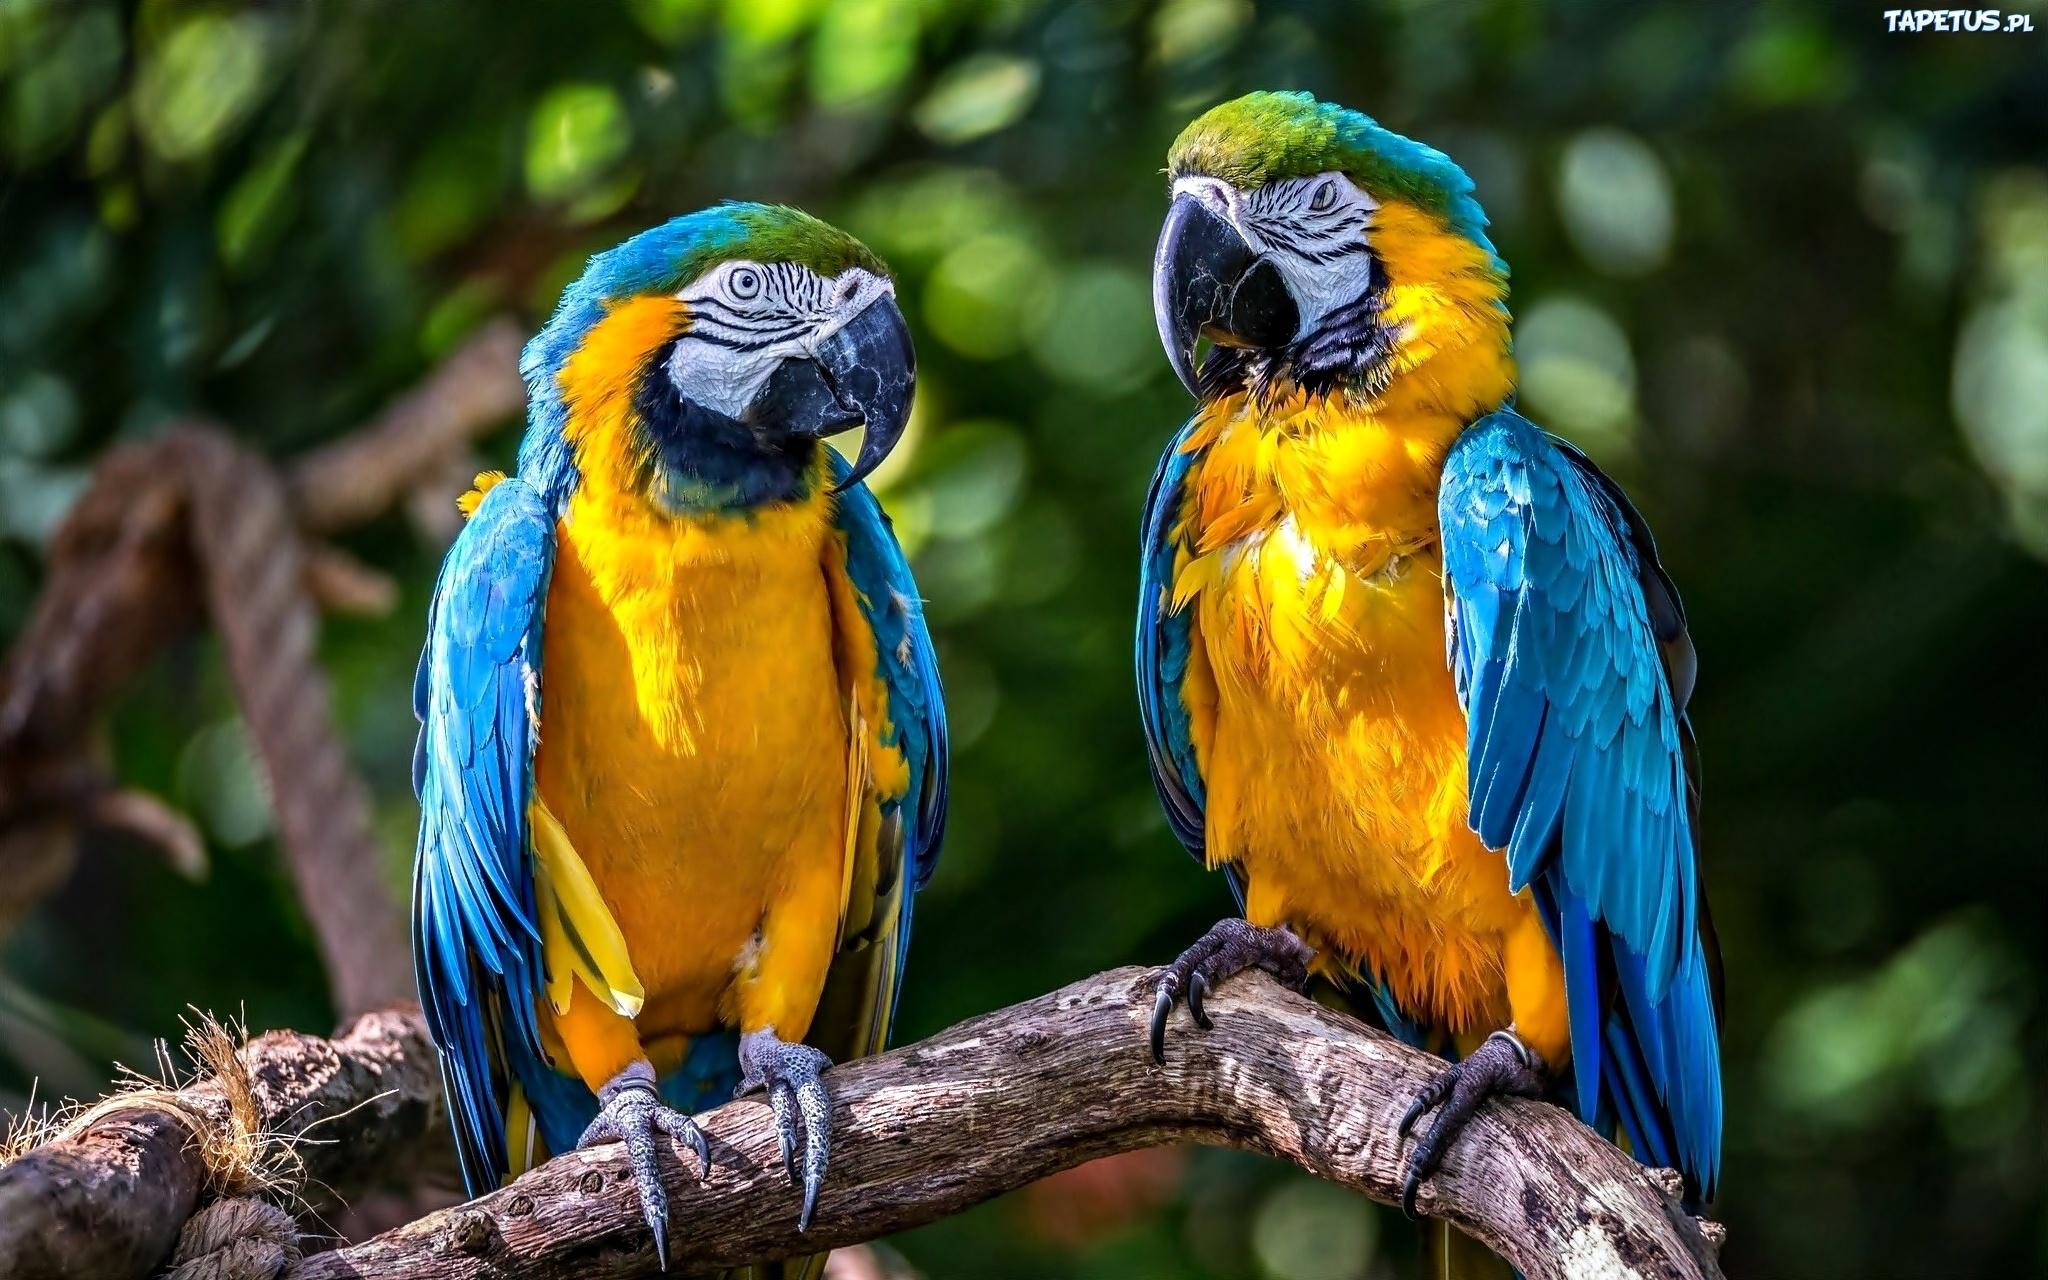 221335_dwie-papugi-galaz.jpg